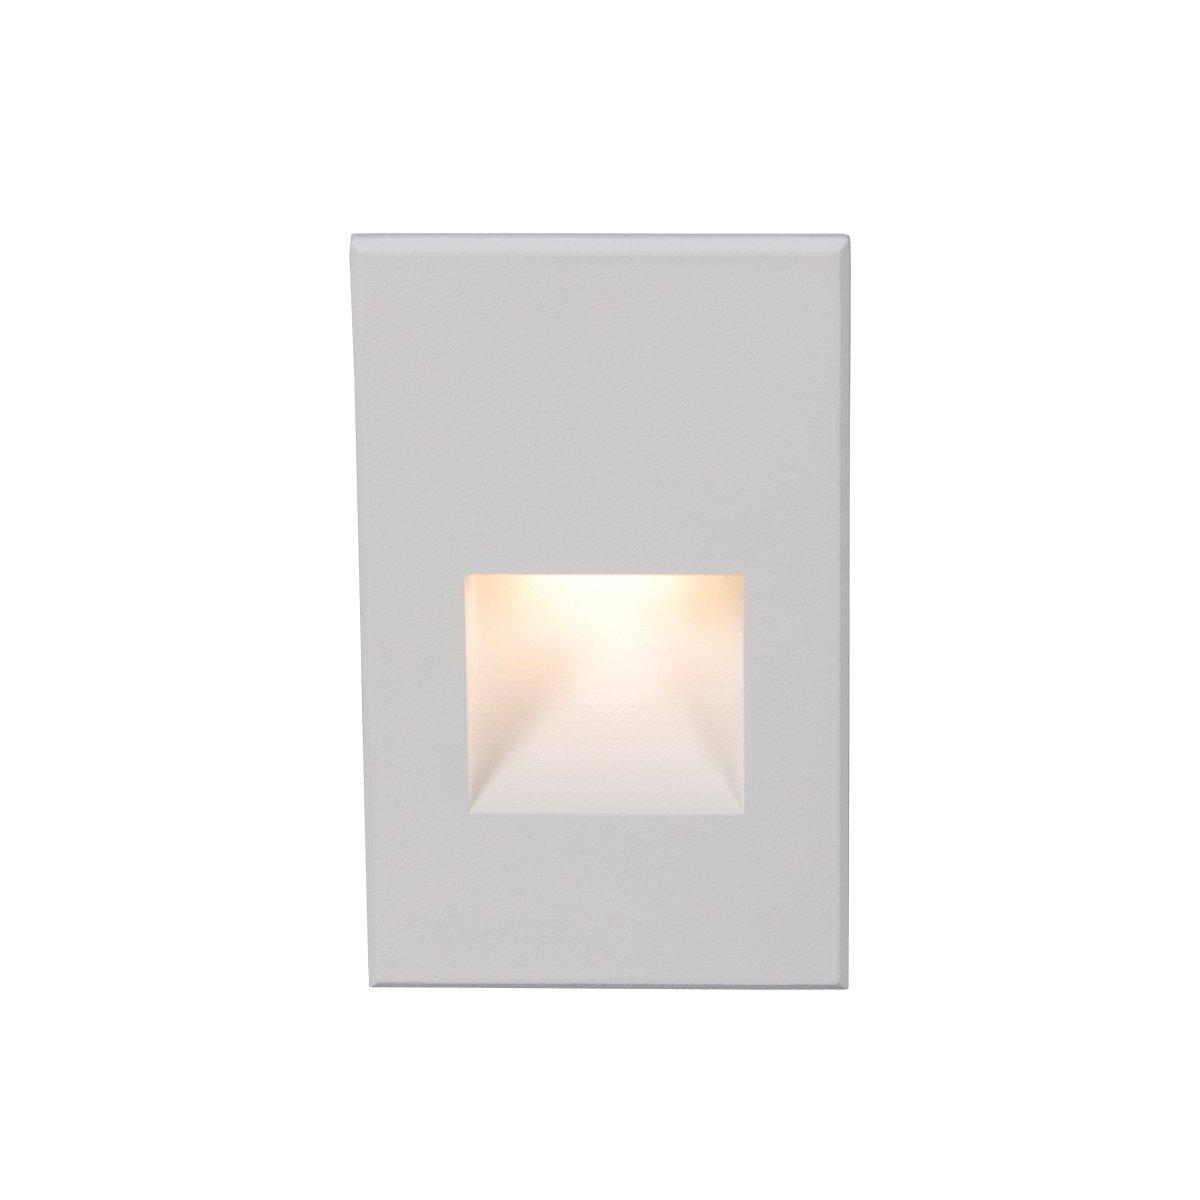 WAC Lighting WL-LED200F-C-WT 277V Vertical Step Light, White, 3000K